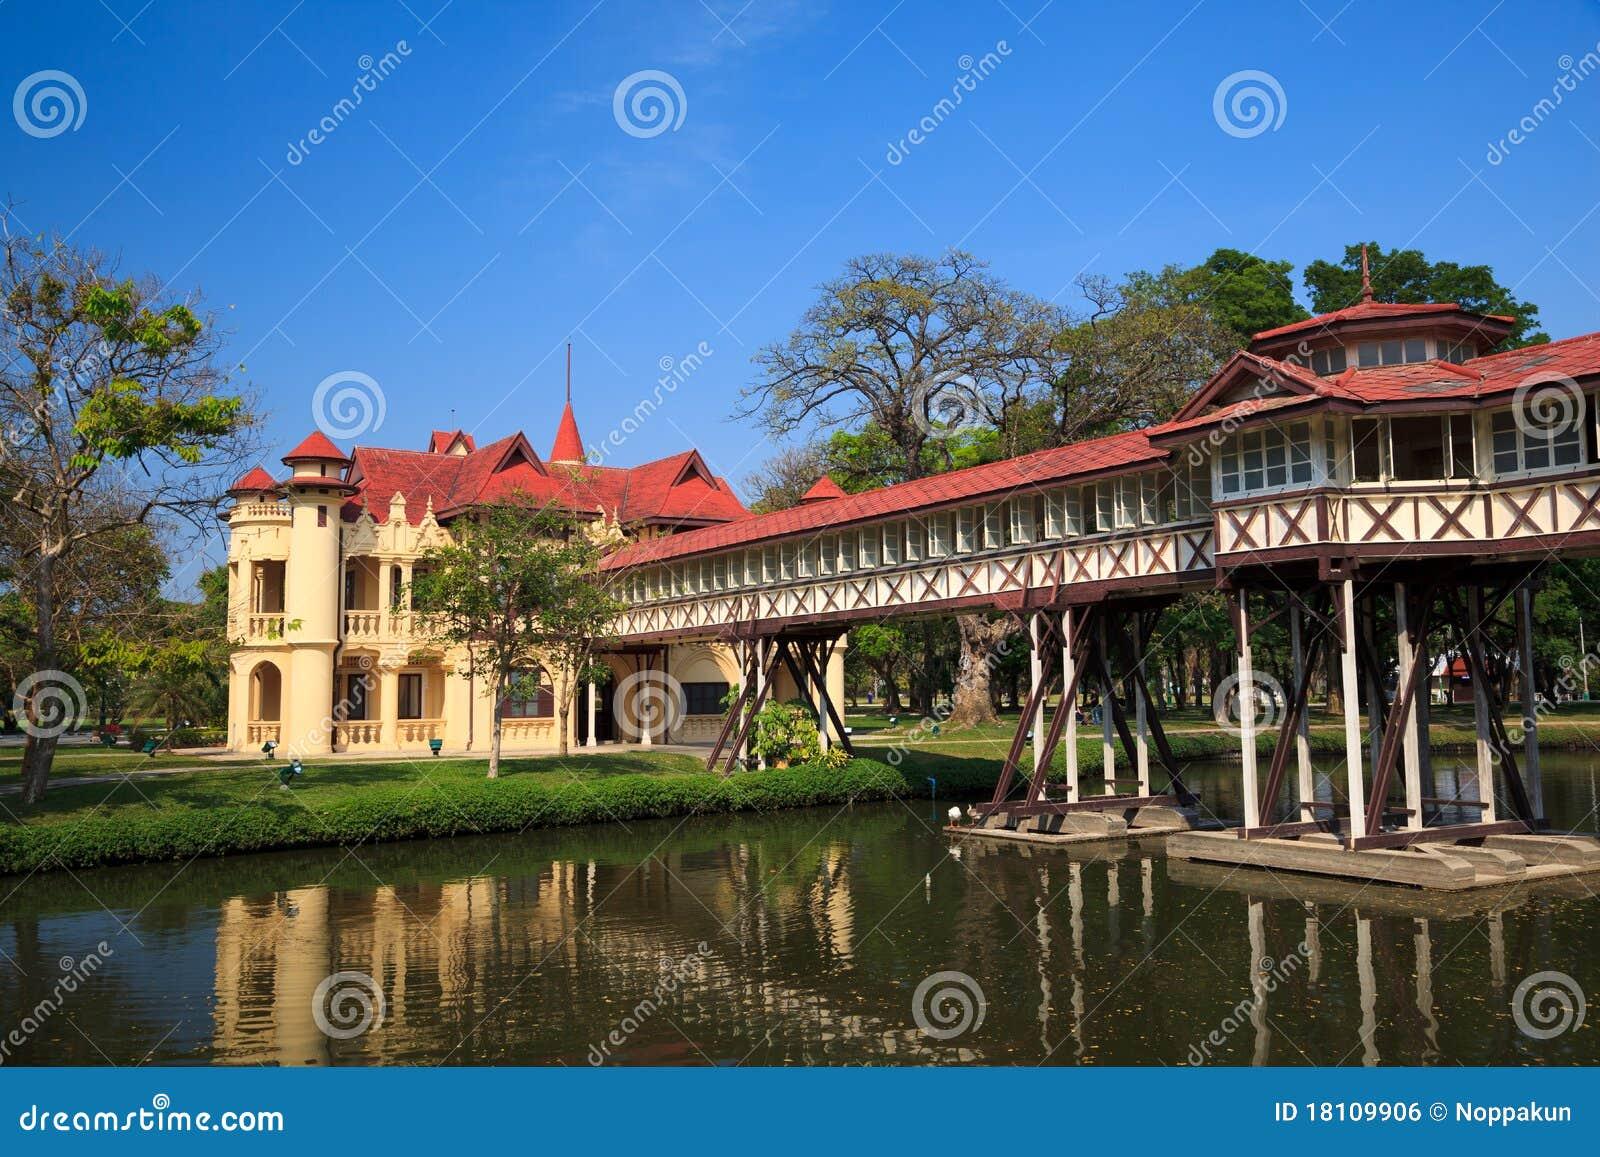 Sanam Chan Palace, Nakhon pathom, Thailand